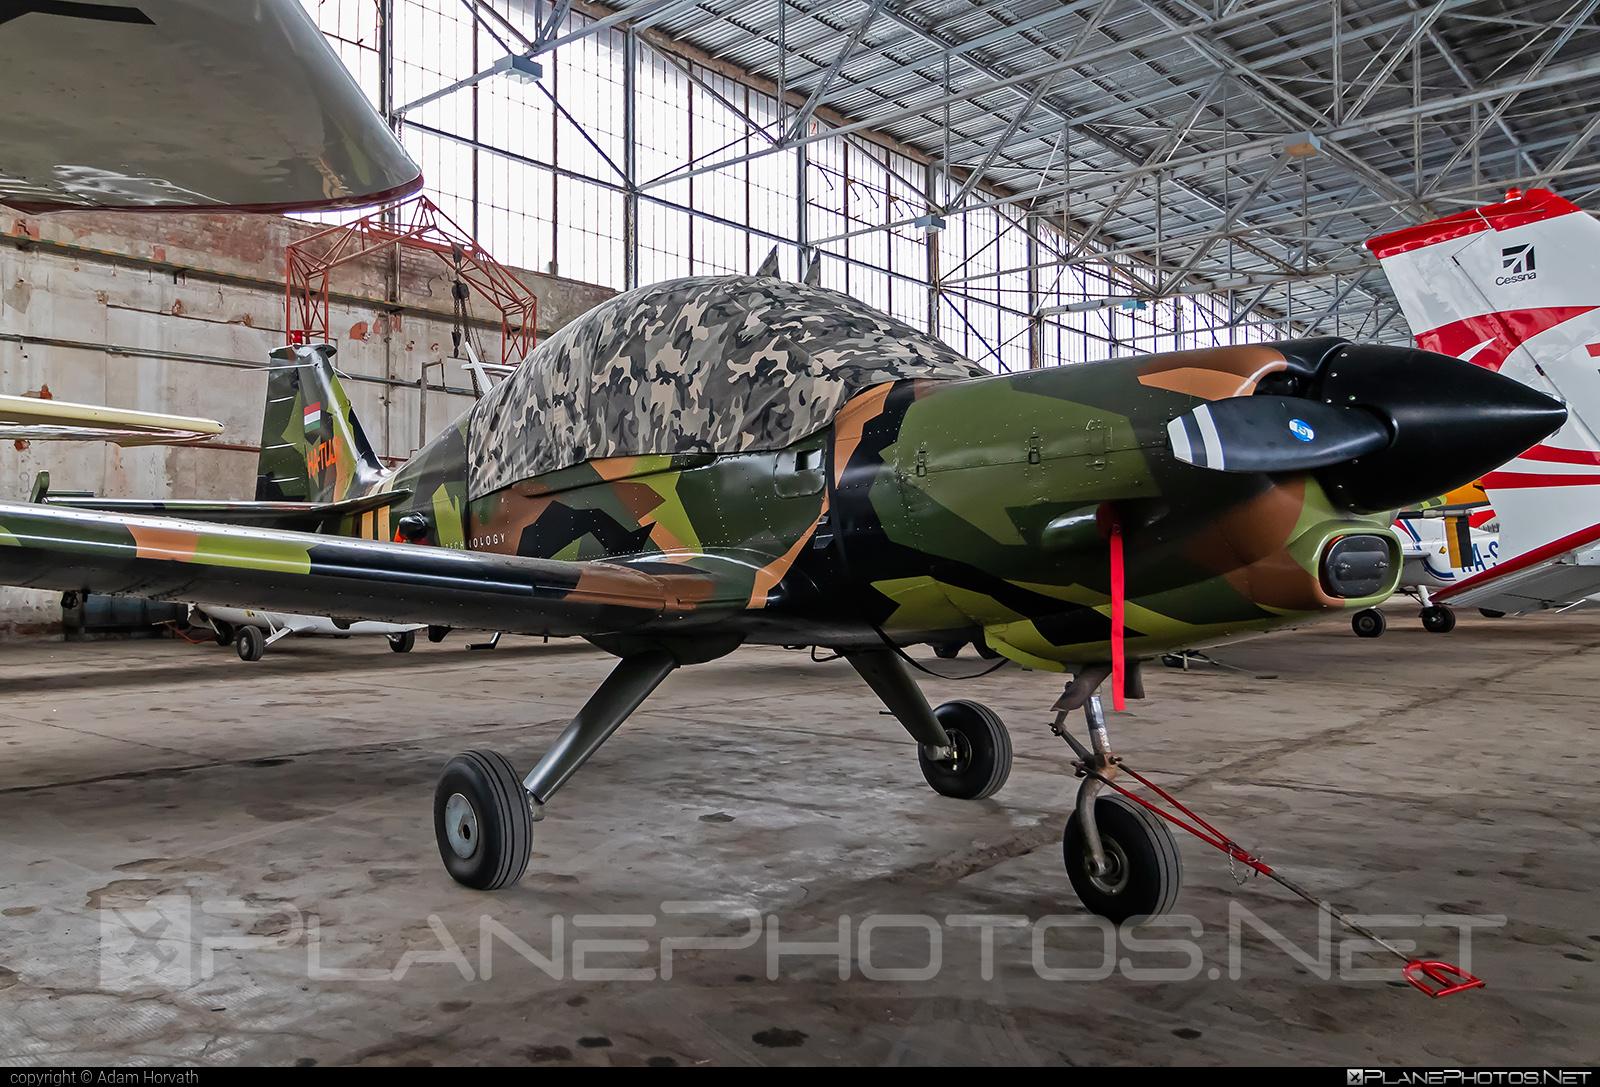 Scottish Aviation Sk 61 Bulldog - HA-TUJ operated by Private operator #bulldogmodel101 #scottishaviationbulldog #sk61bulldog